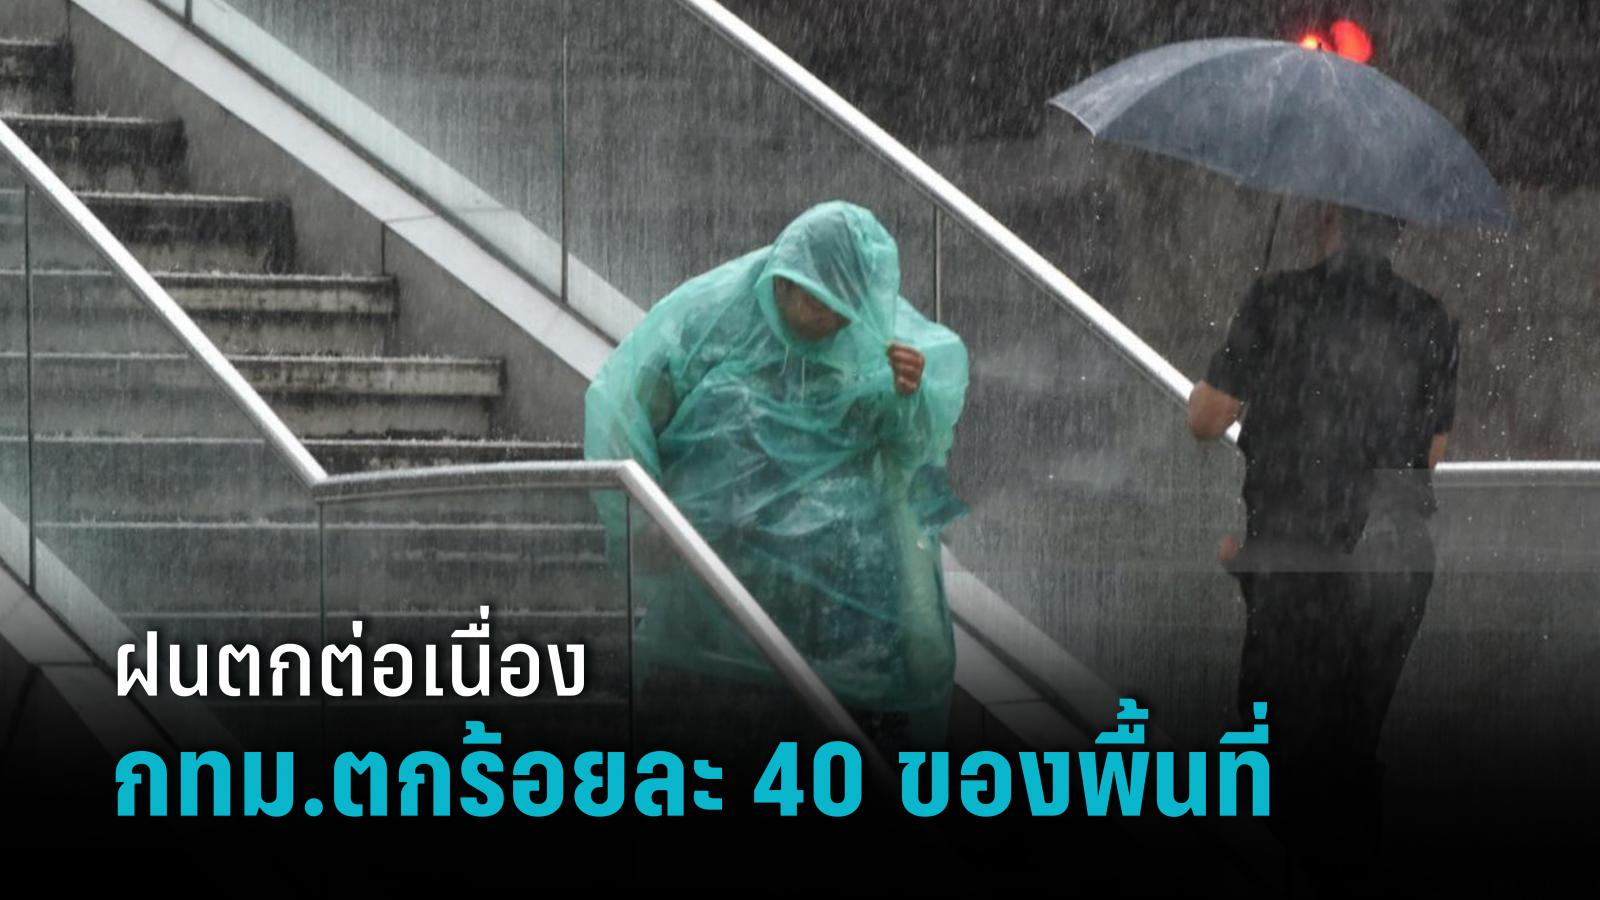 อุตุฯ เตือนฝนตกต่อเนื่อง-กทม.ตกร้อยละ 40 ของพื้นที่